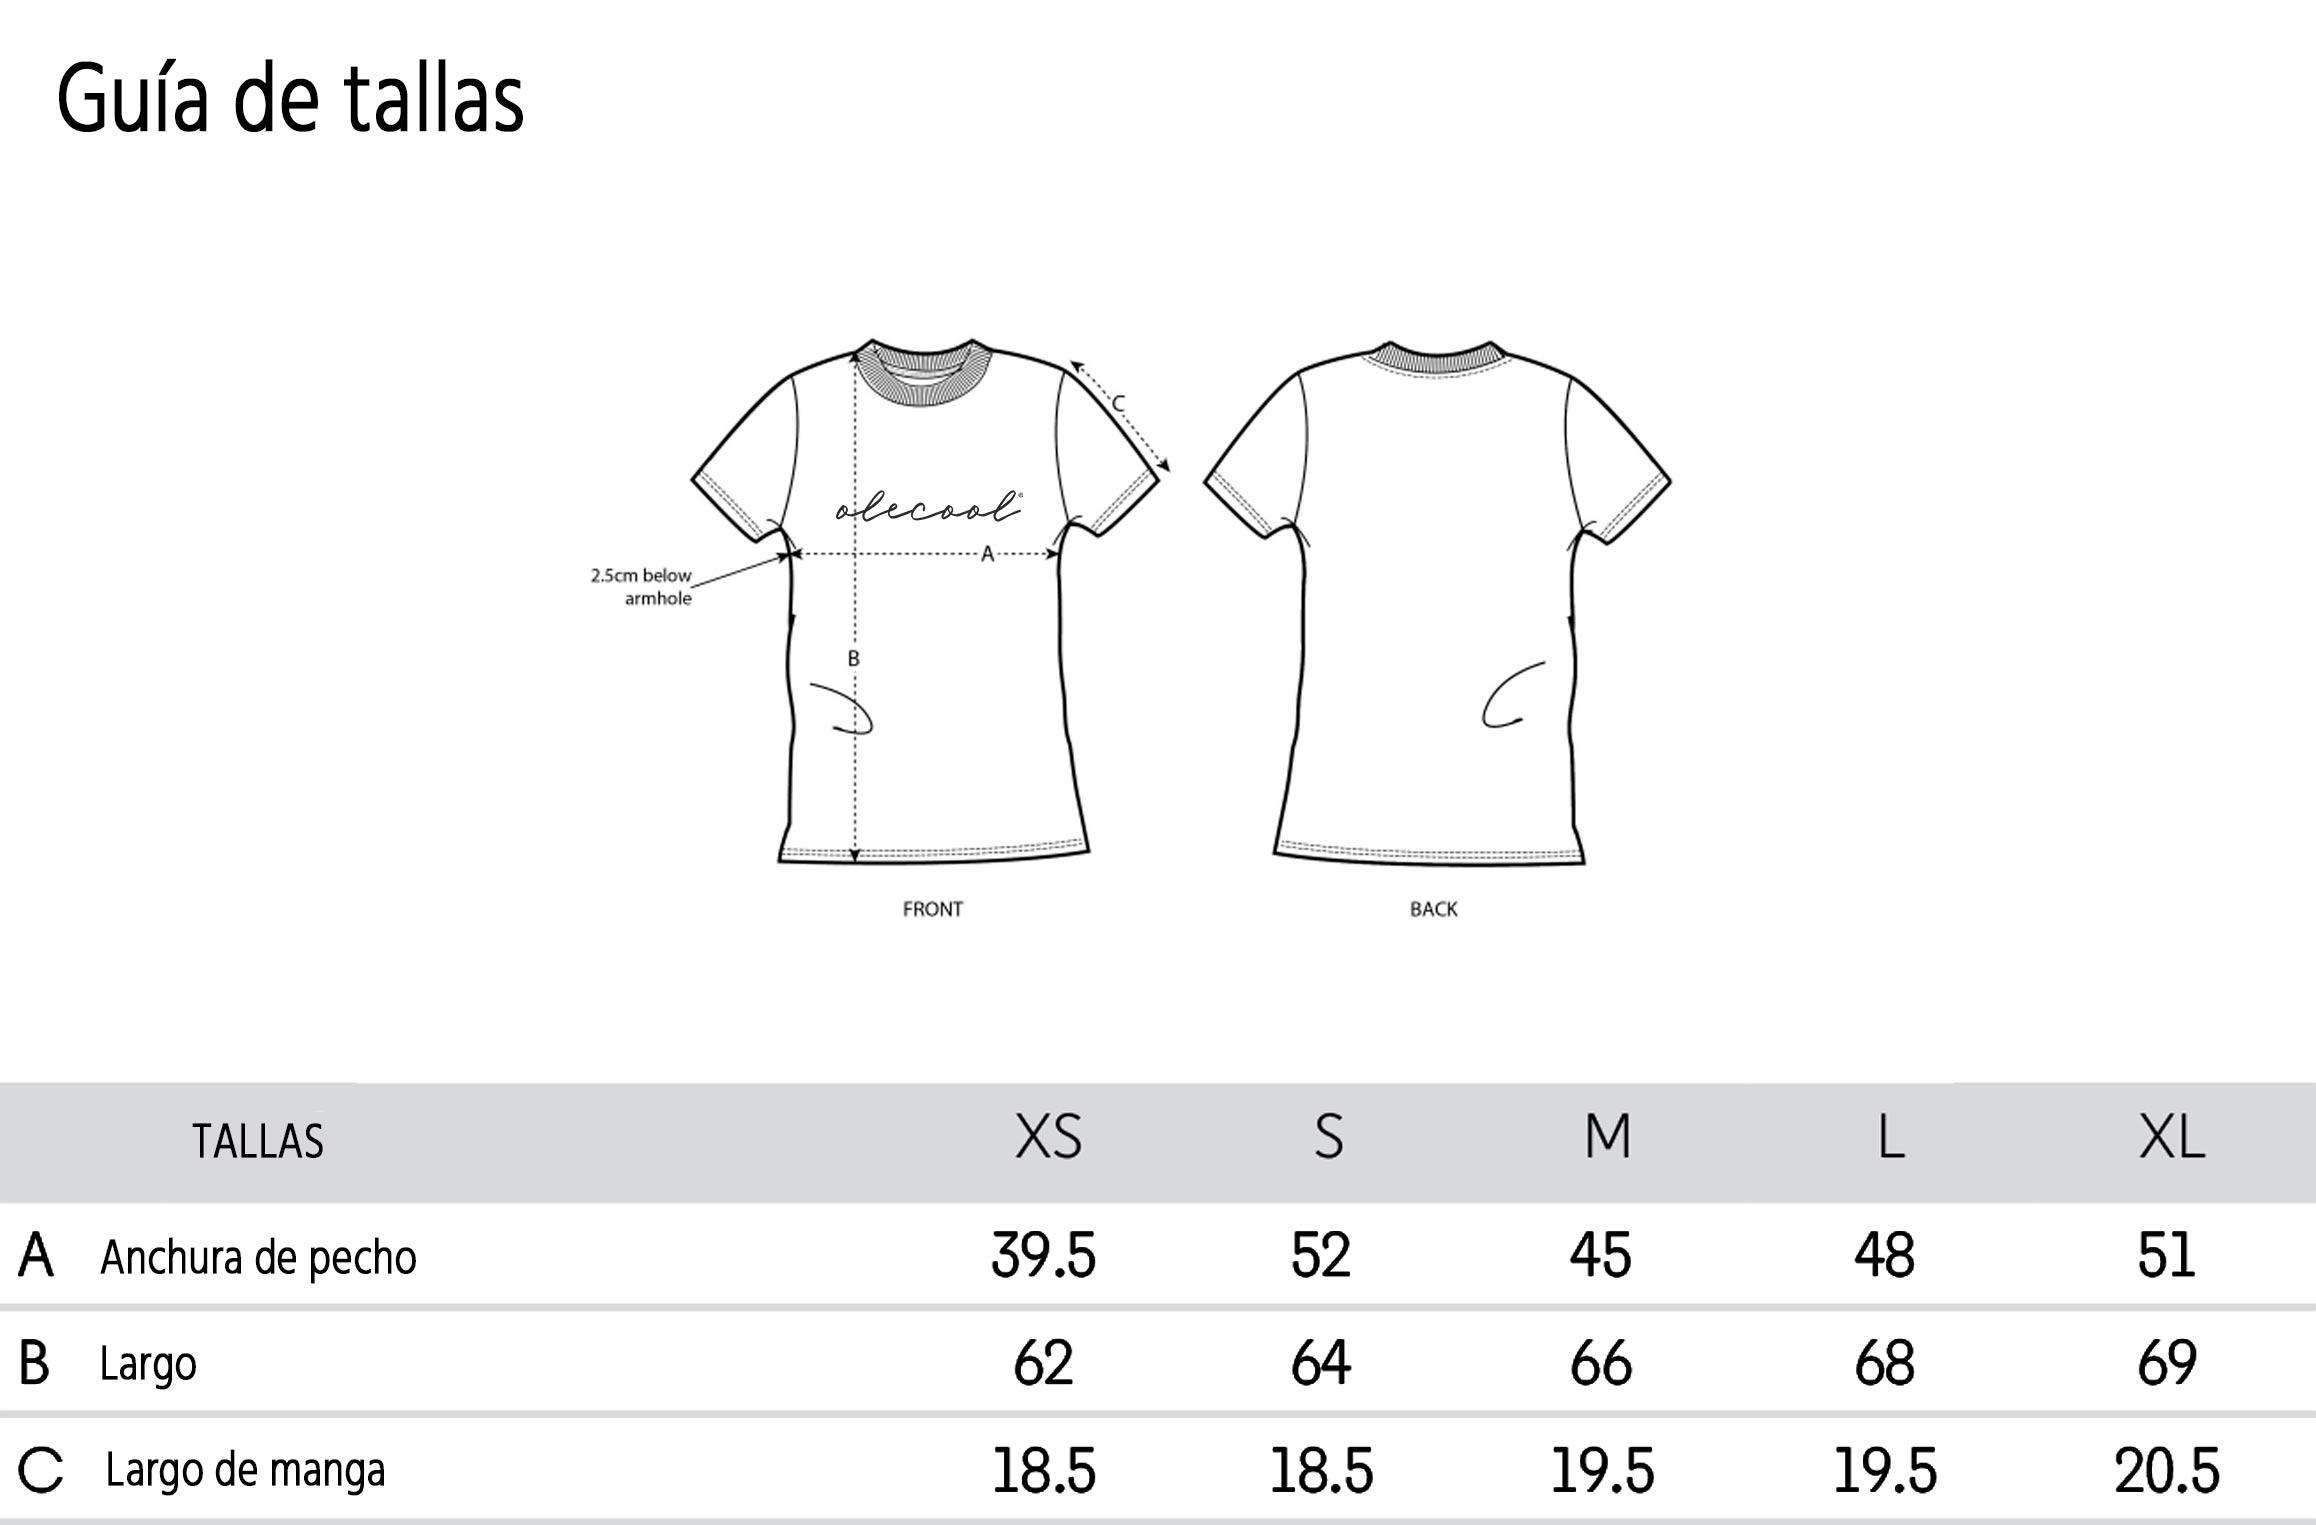 Guia-de-tallas-camisetas - Olé Cool España